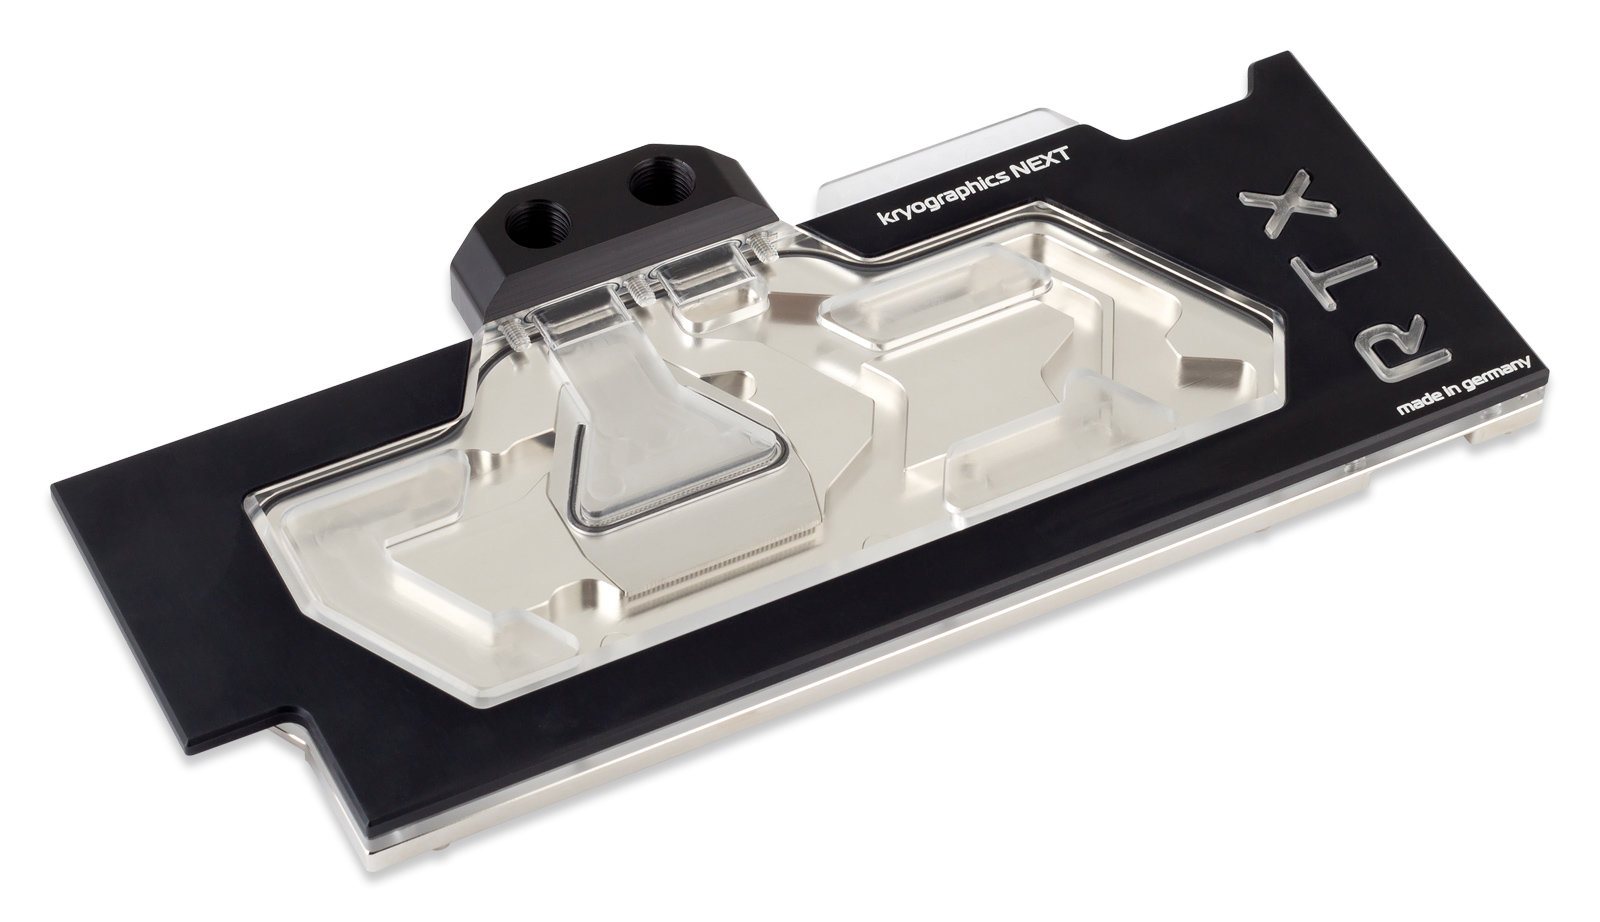 Aqua Computer Kryographics Next RTX 2080 Ti in der vernickelten Variante mit Plexiglasdeckel